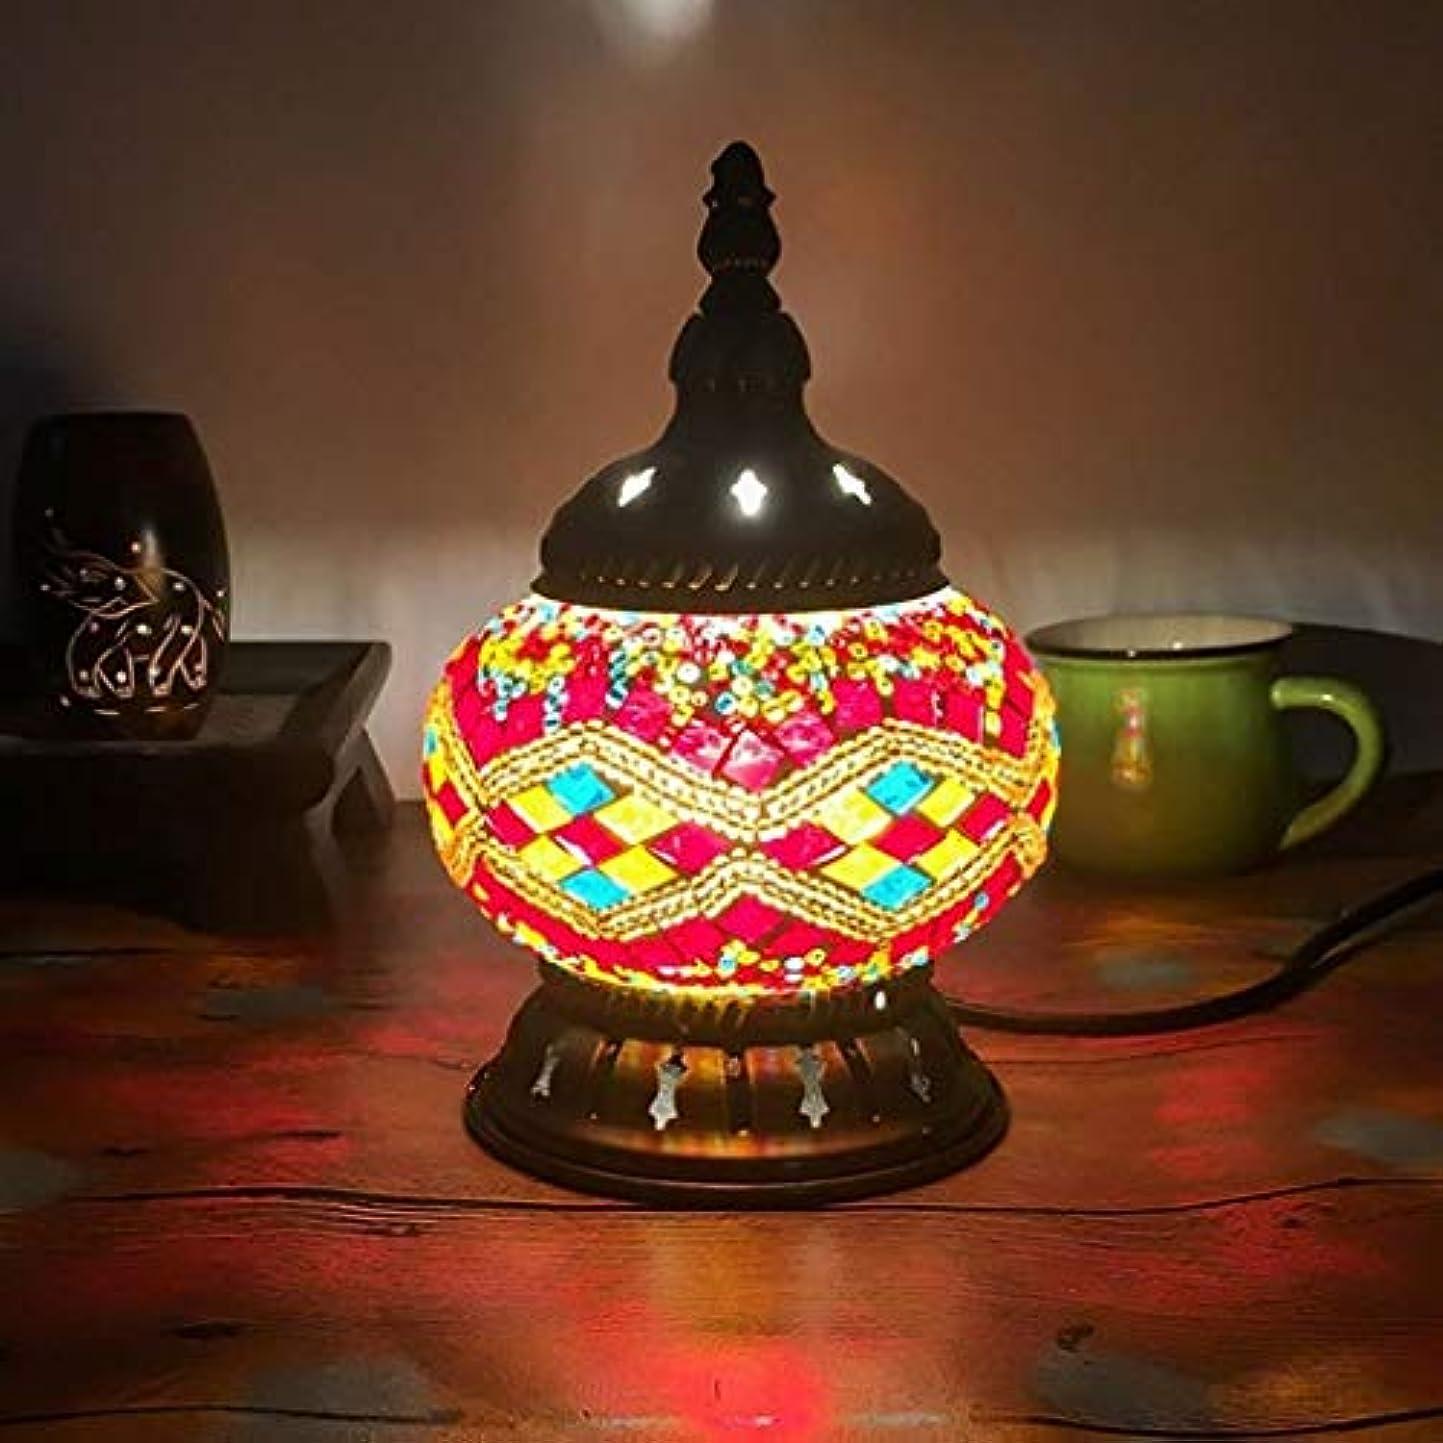 自発的靄翻訳者シロス トルコのテーブルランプ、レトロな金属ディスプレイランプ屋内照明ムードランプレストランバー寝室リビングルーム (Color : C)